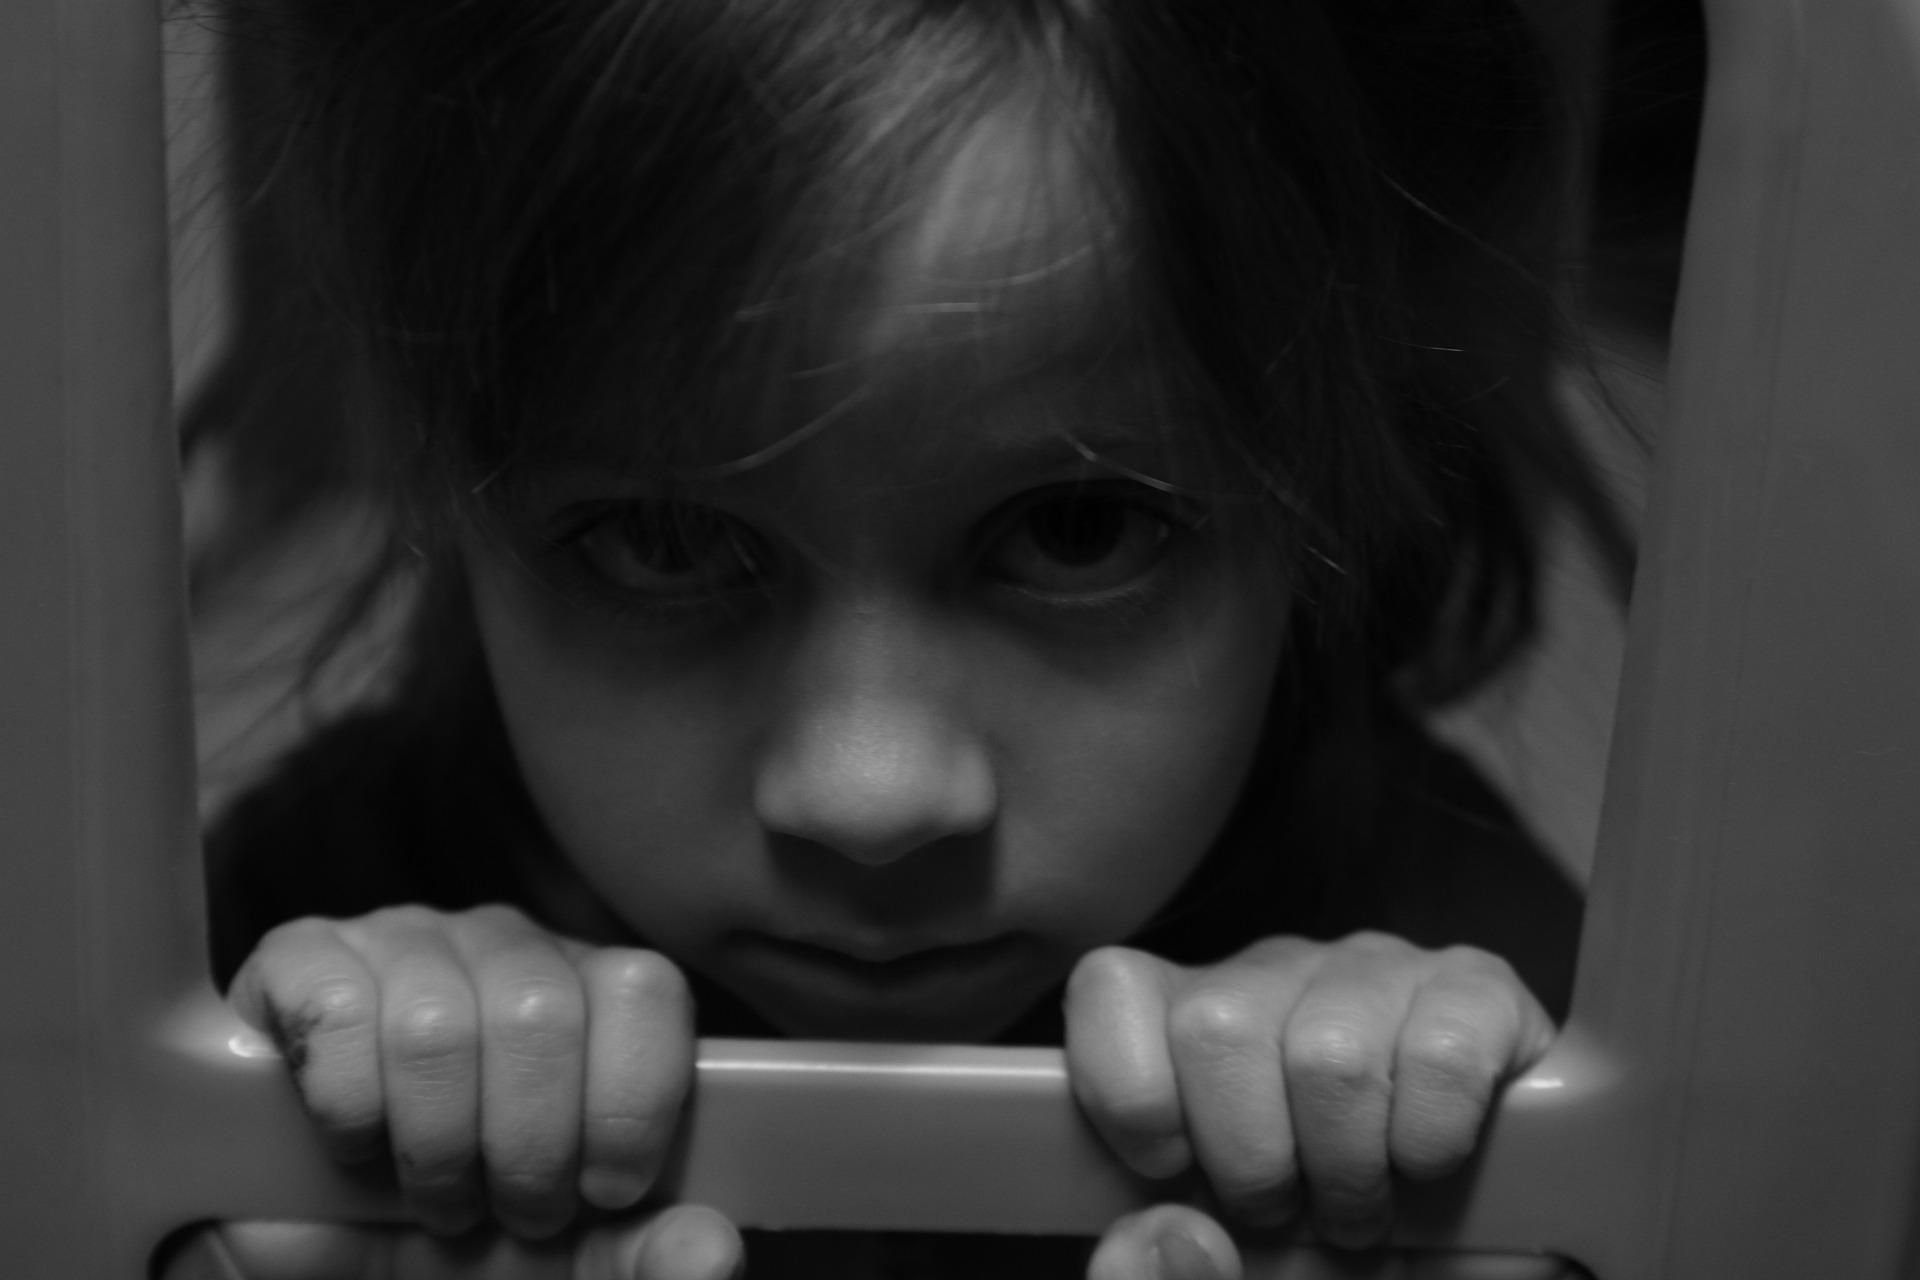 Wielu dzieciom, które trafiają do pieczy zastępczej udaje się pomóc. Jako dorośli radzą sobie świetnie (fot. pixabay.com)